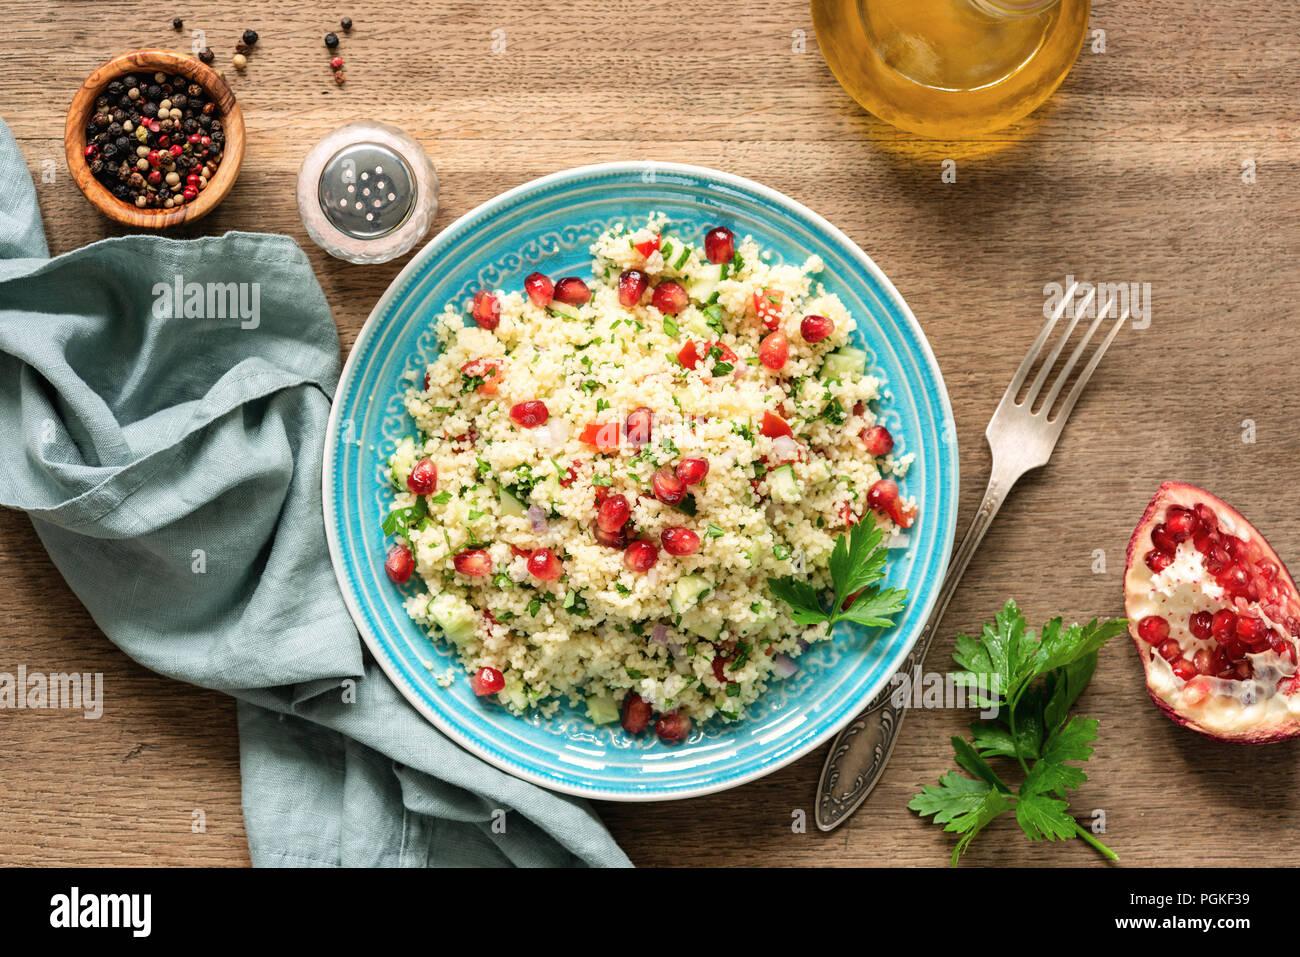 Tabbouleh ensalada de cuscús con semillas de granada servido en la tradicional placa azul turquesa. Comida árabe Imagen De Stock